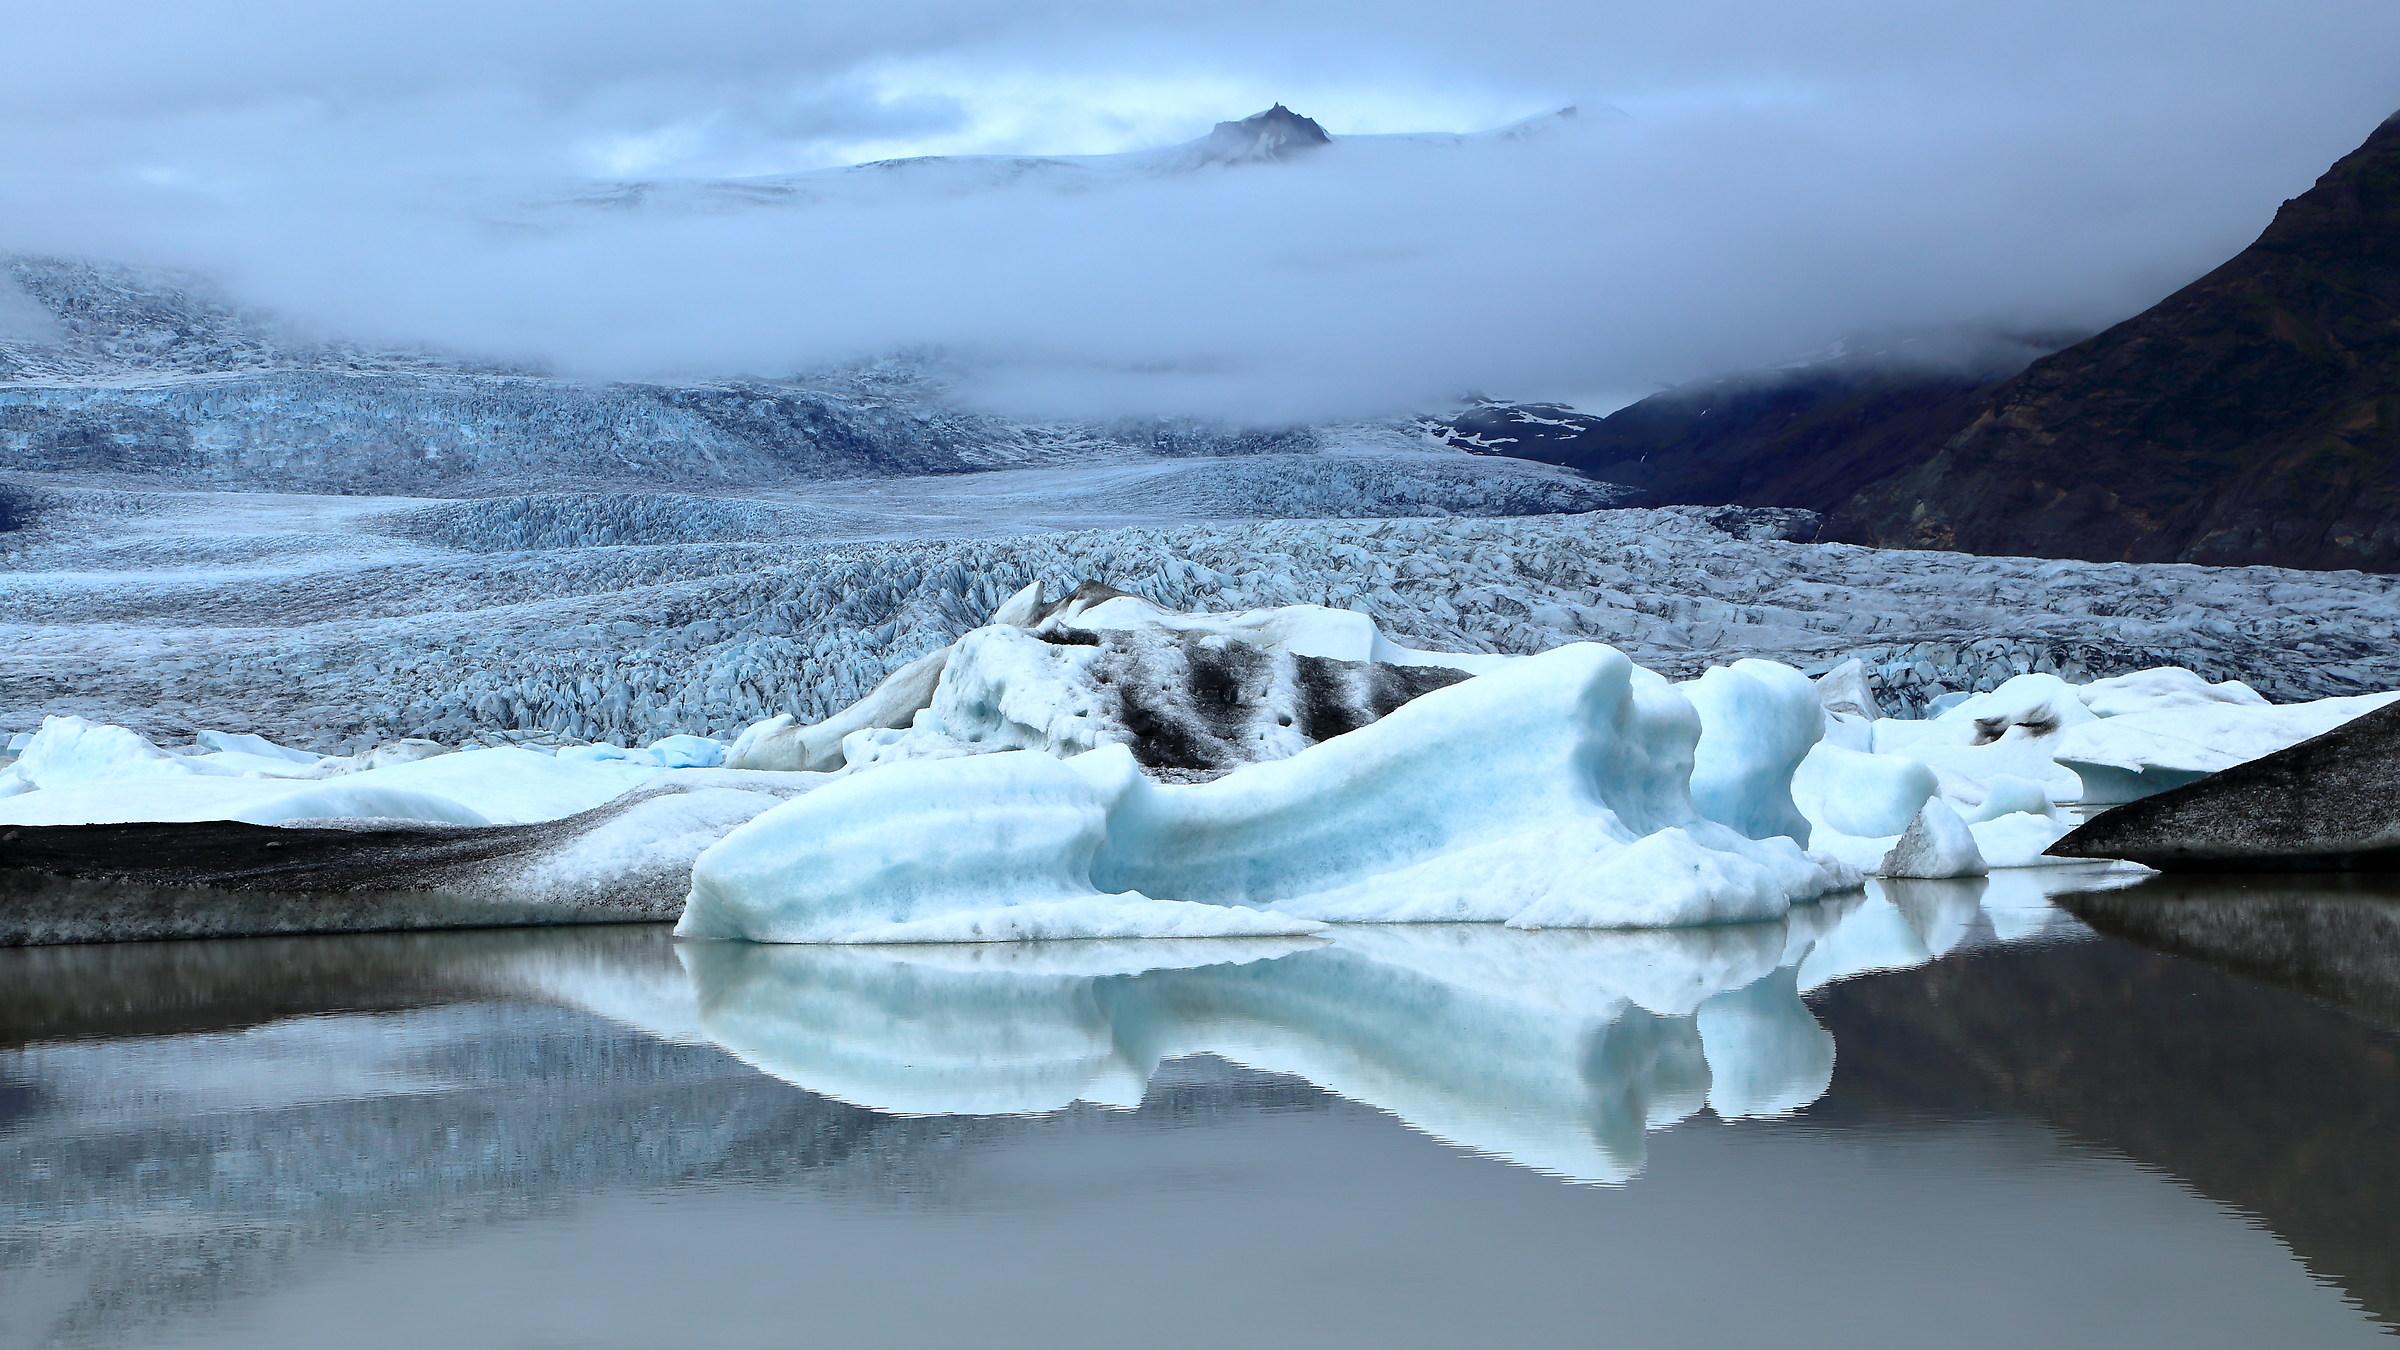 The glacier descent...